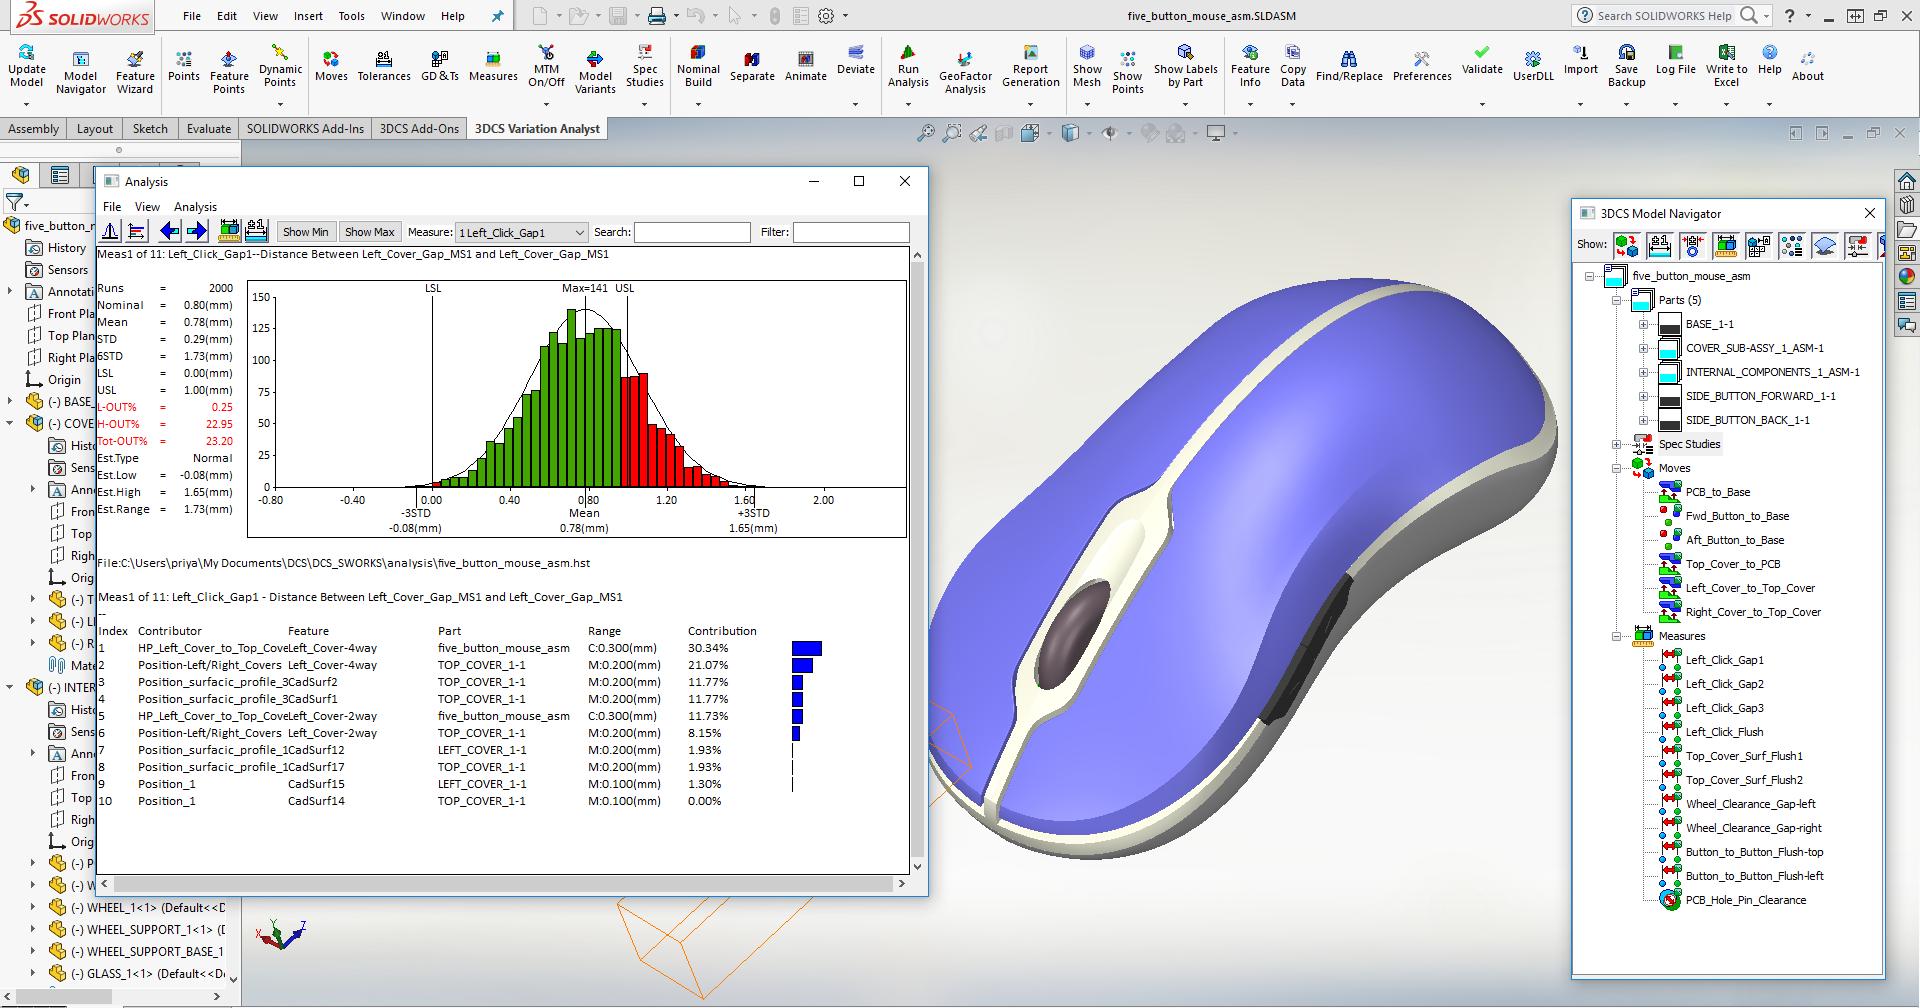 Monte Carlo Simulation Provides Insights into Design